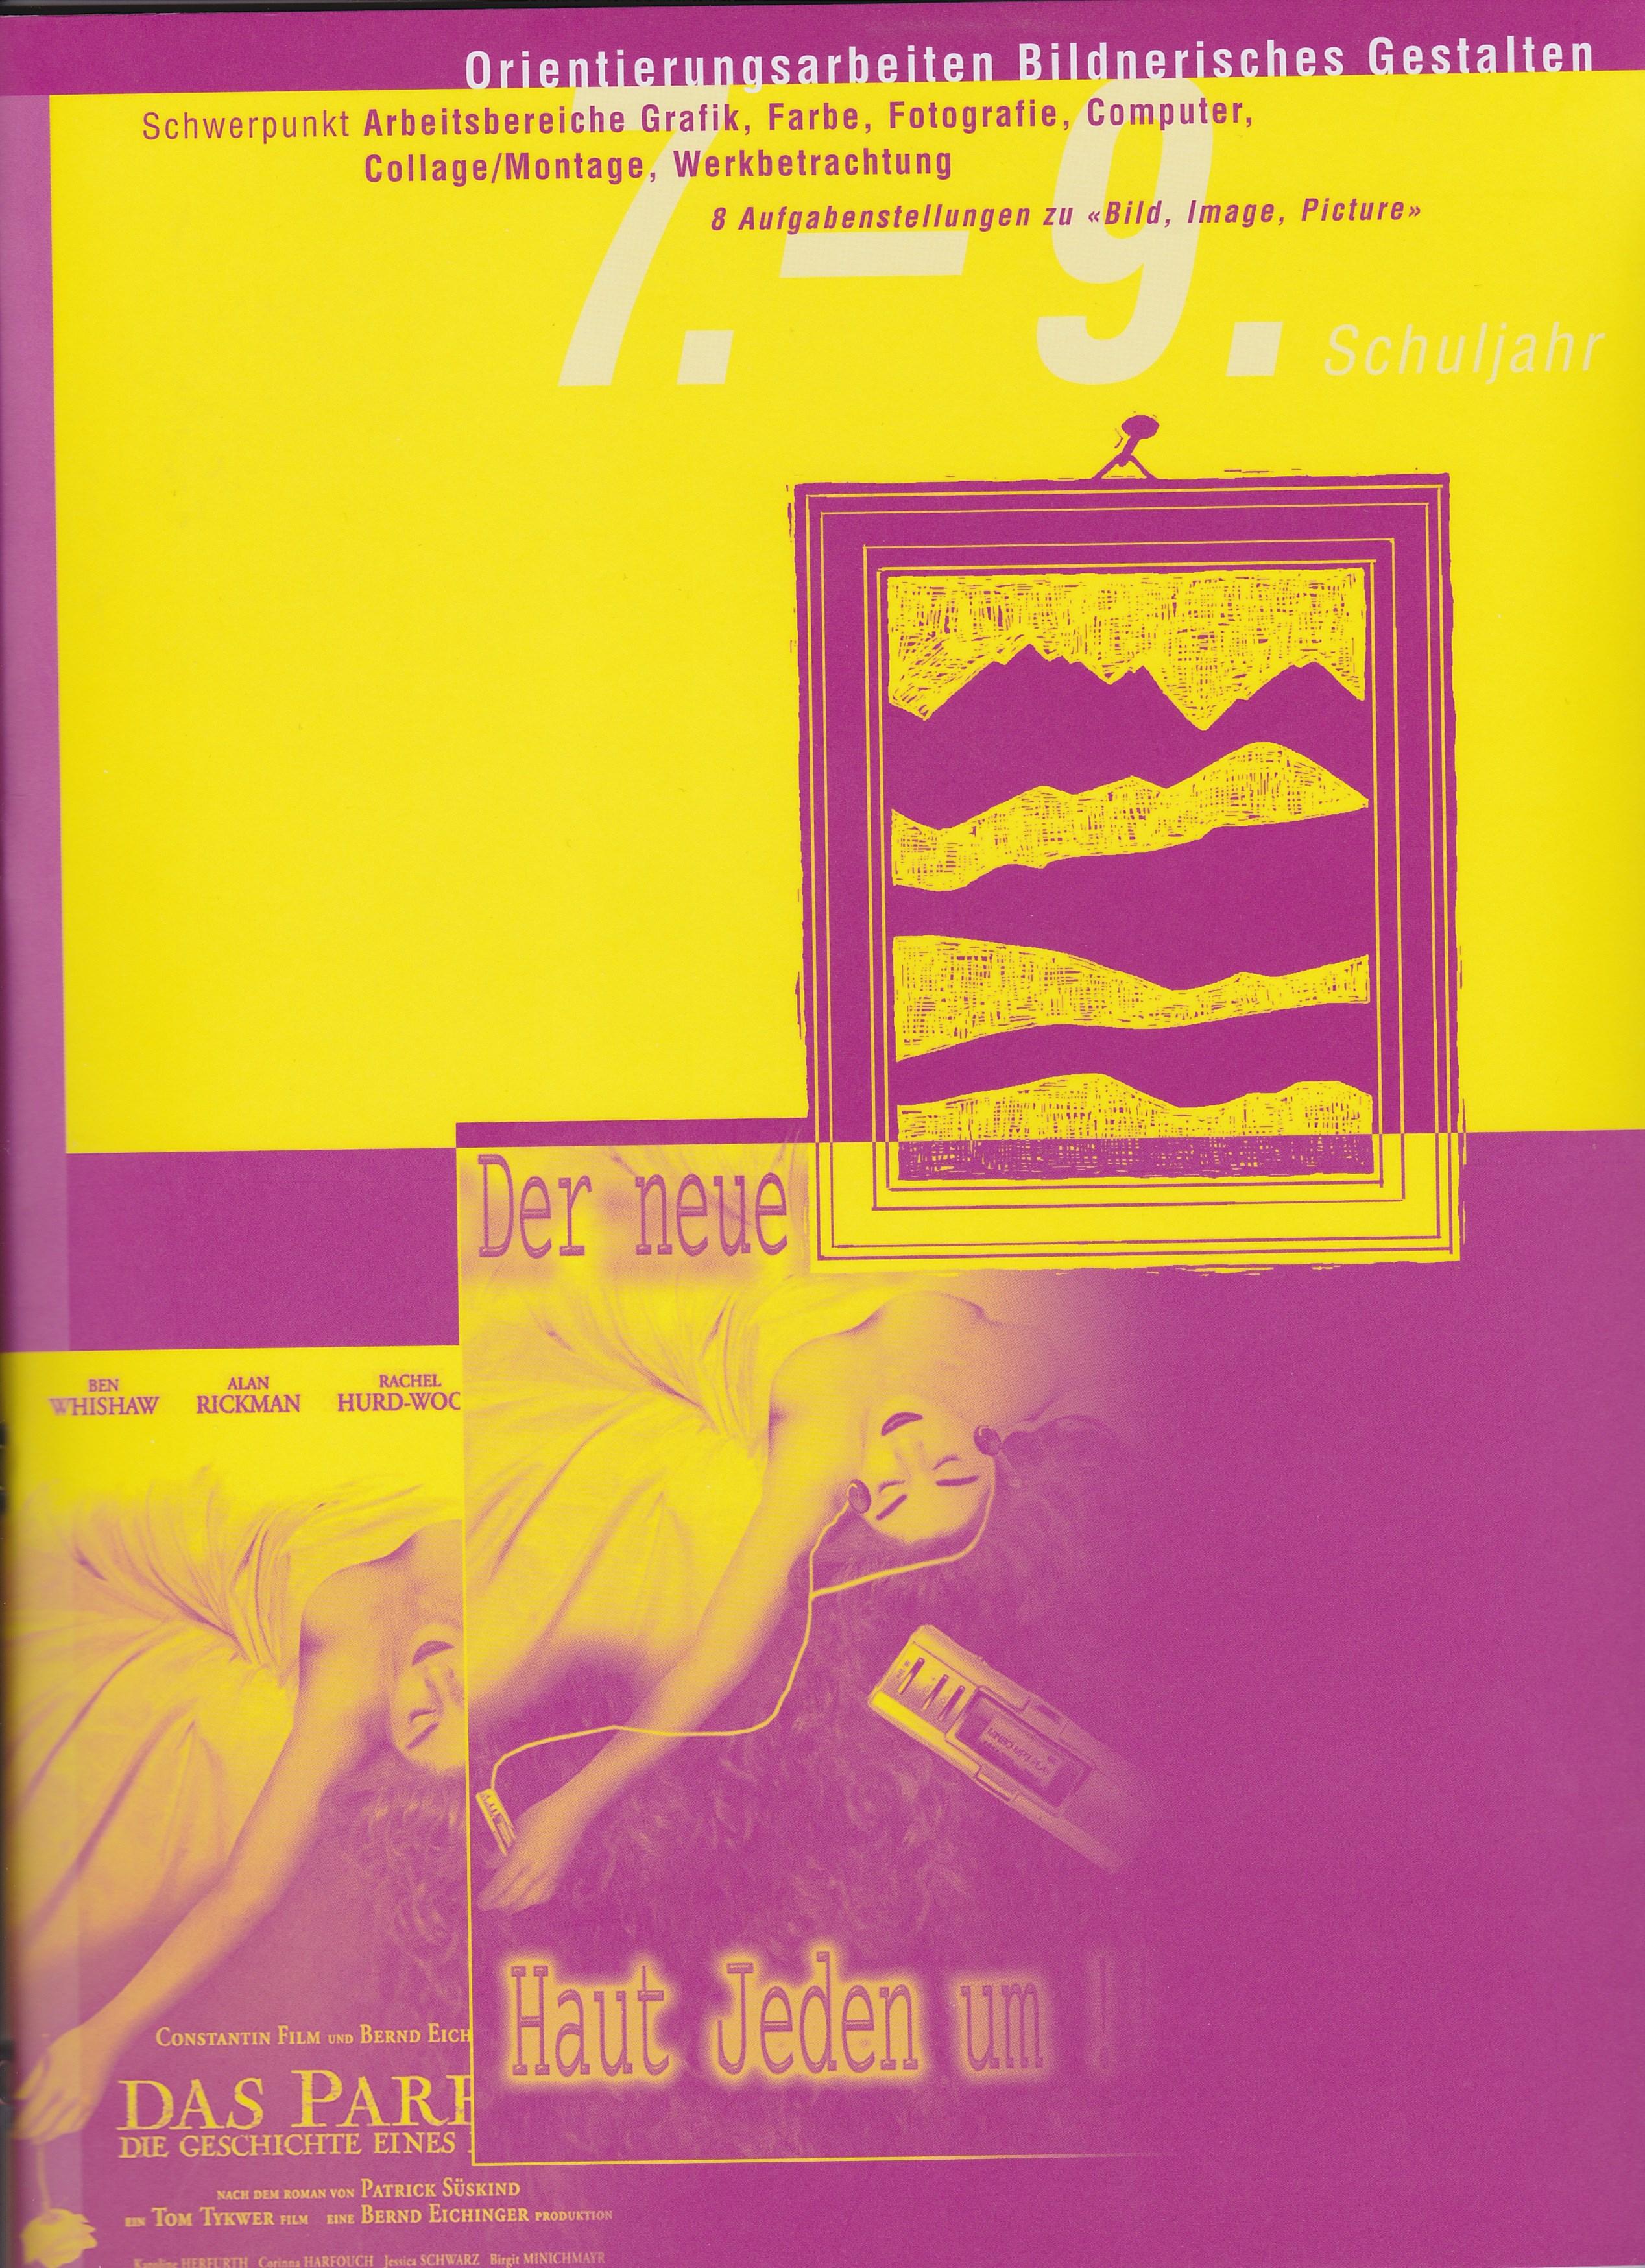 Preview image for LOM object Orientierungsarbeit Bildnerisches Gestalten 7-9: Bild, Image, Picture